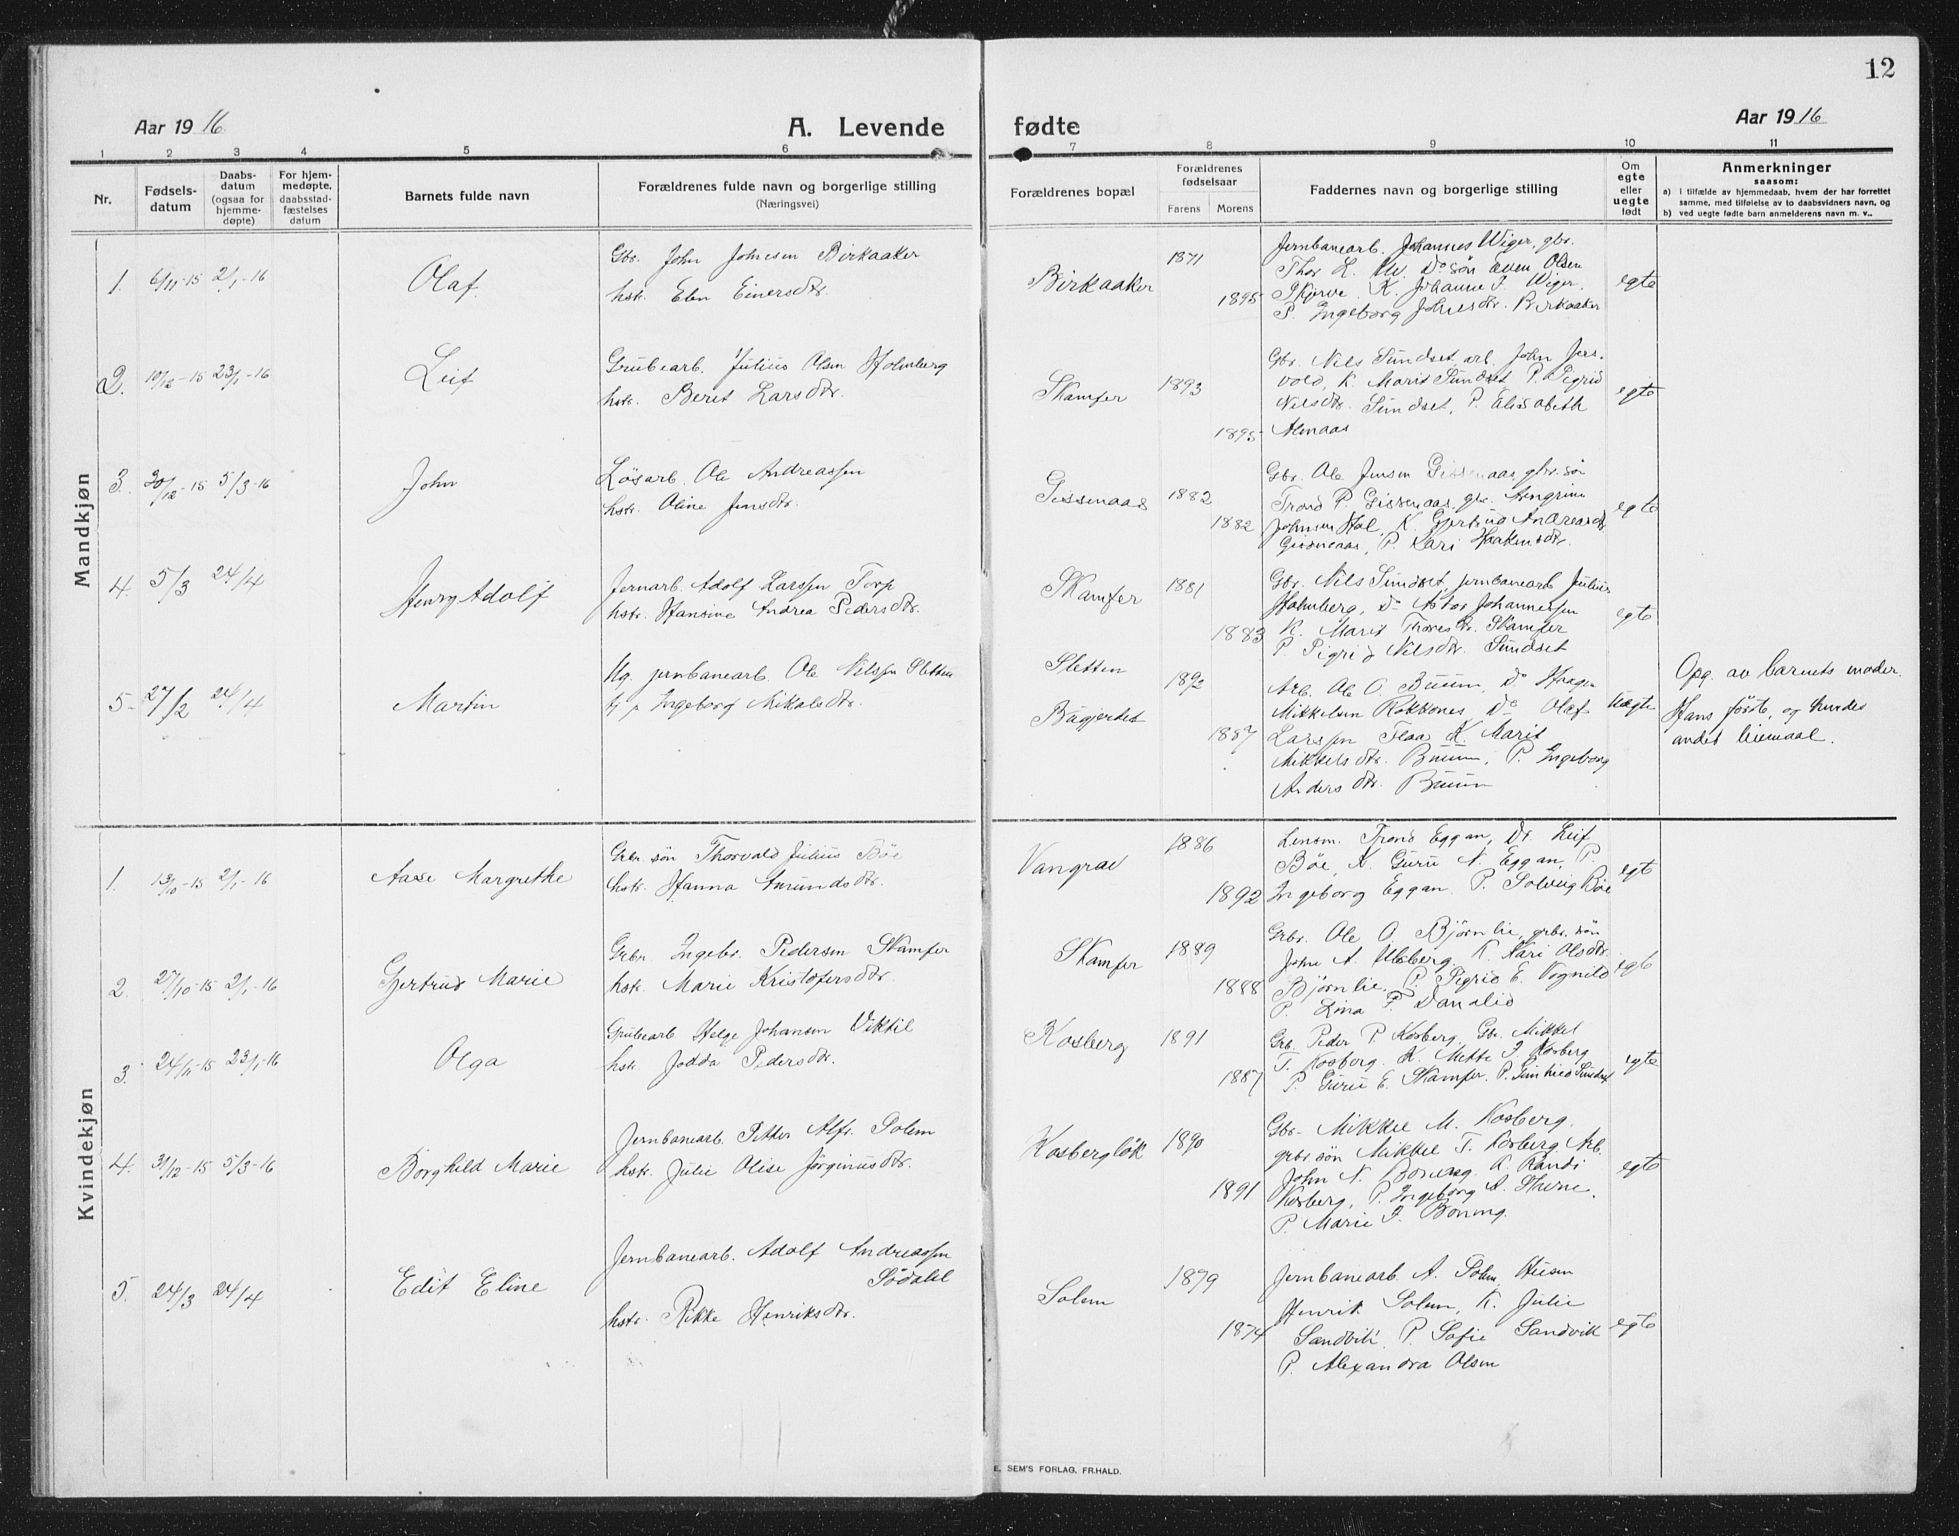 SAT, Ministerialprotokoller, klokkerbøker og fødselsregistre - Sør-Trøndelag, 675/L0888: Klokkerbok nr. 675C01, 1913-1935, s. 12